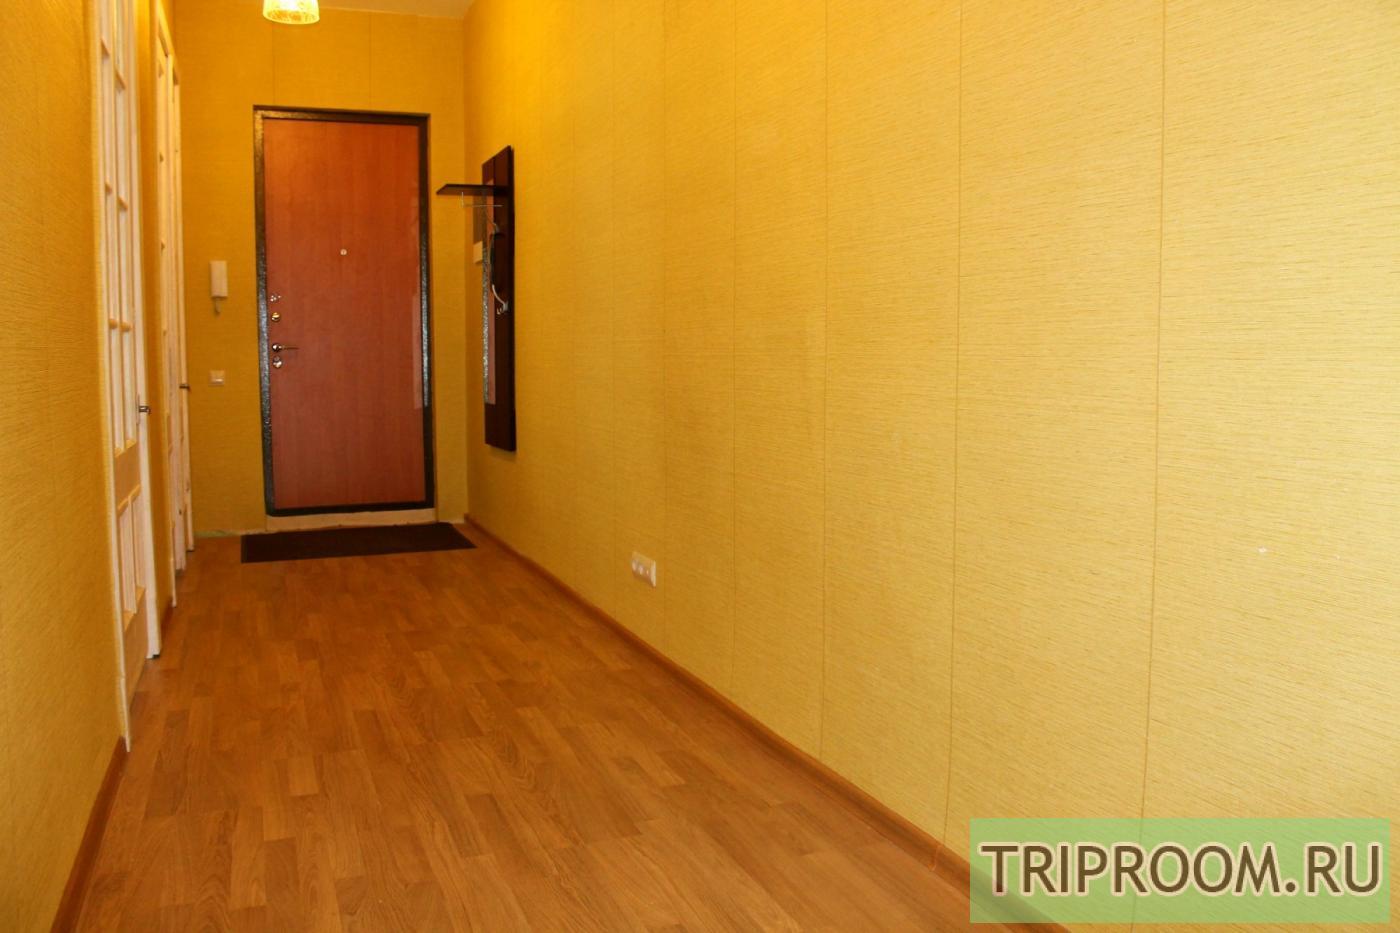 3-комнатная квартира посуточно (вариант № 20393), ул. Ленина проспект, фото № 17